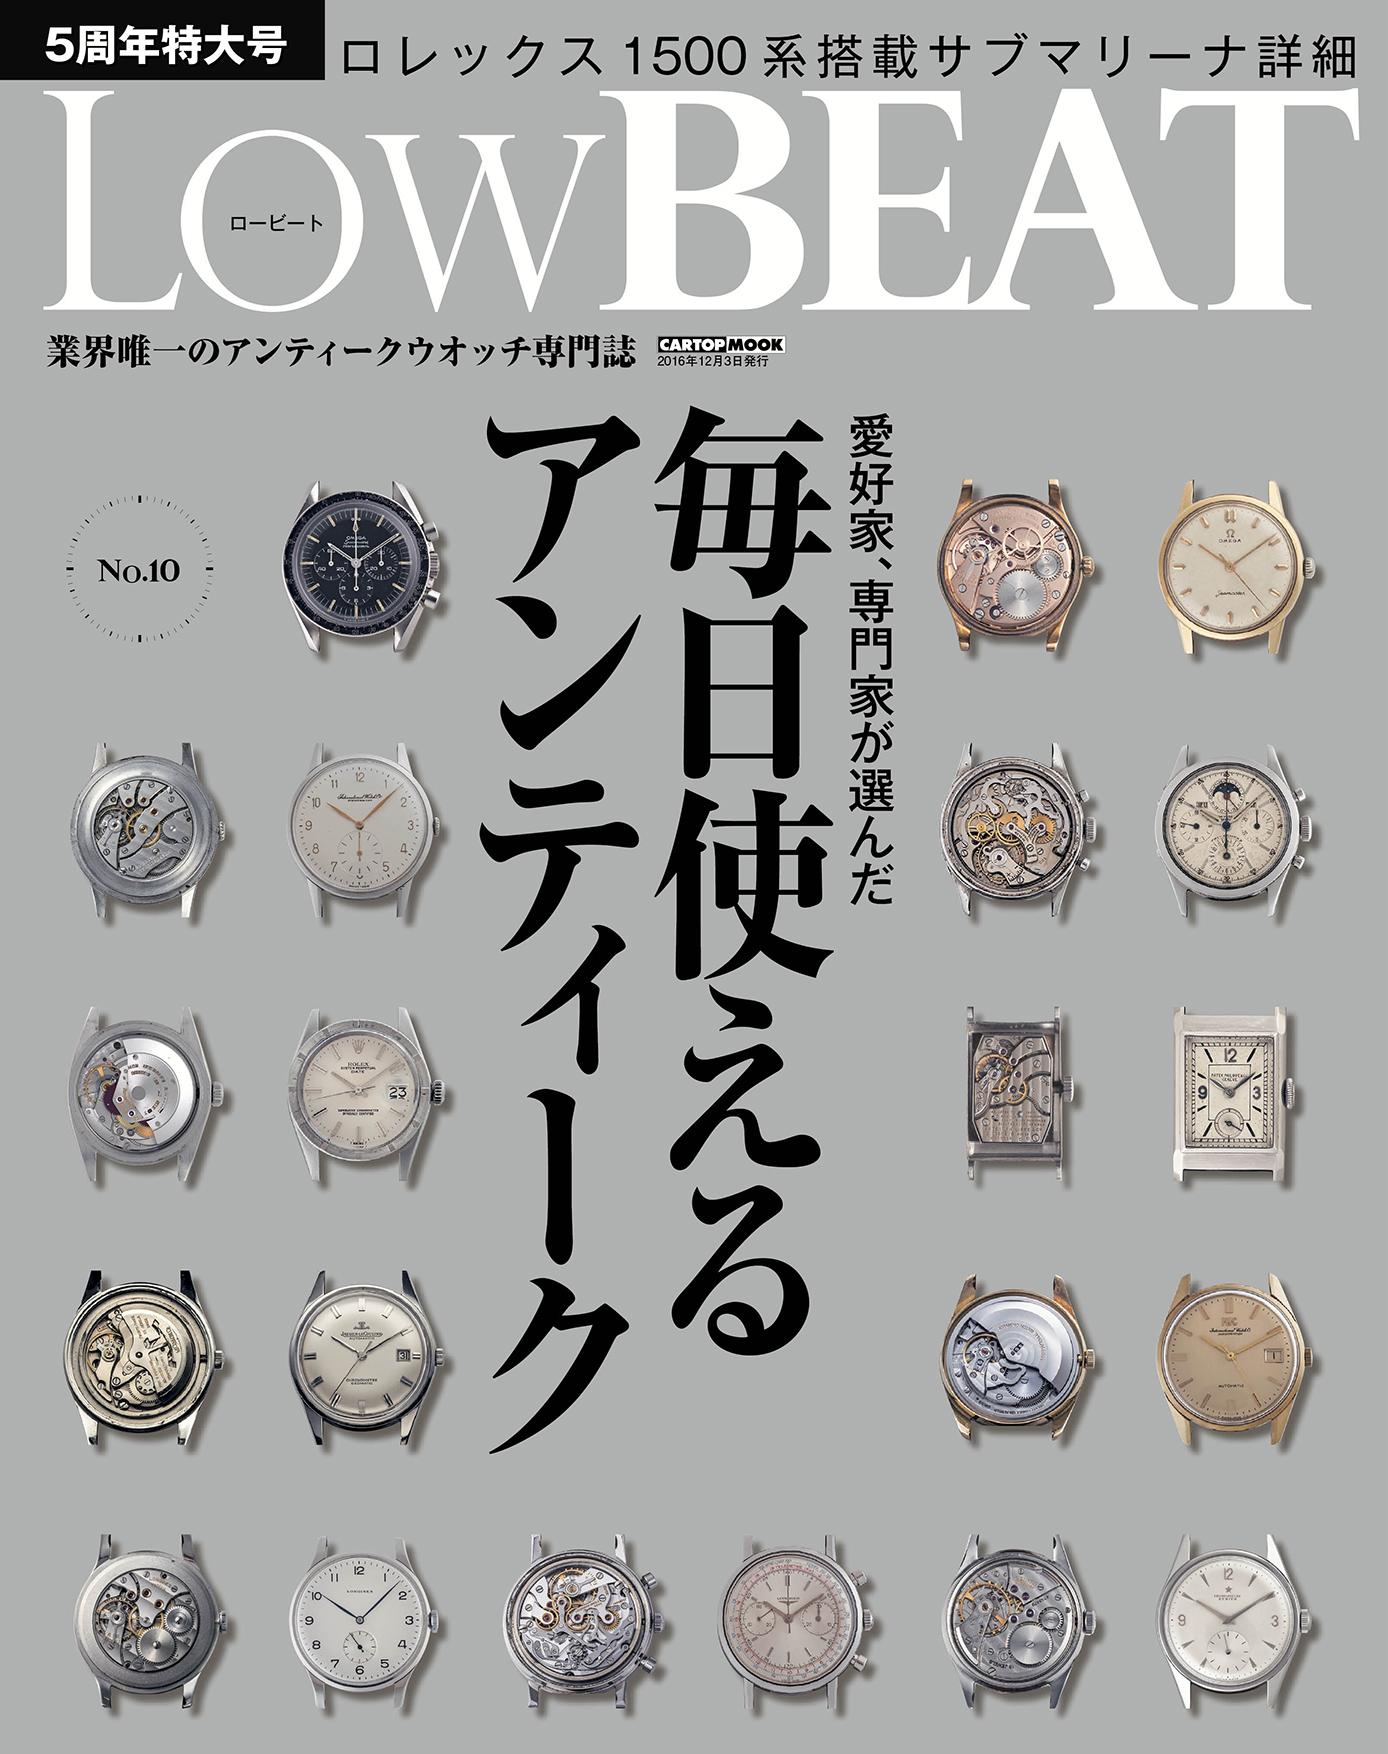 C's-Factory|書籍|LowBEAT No.10